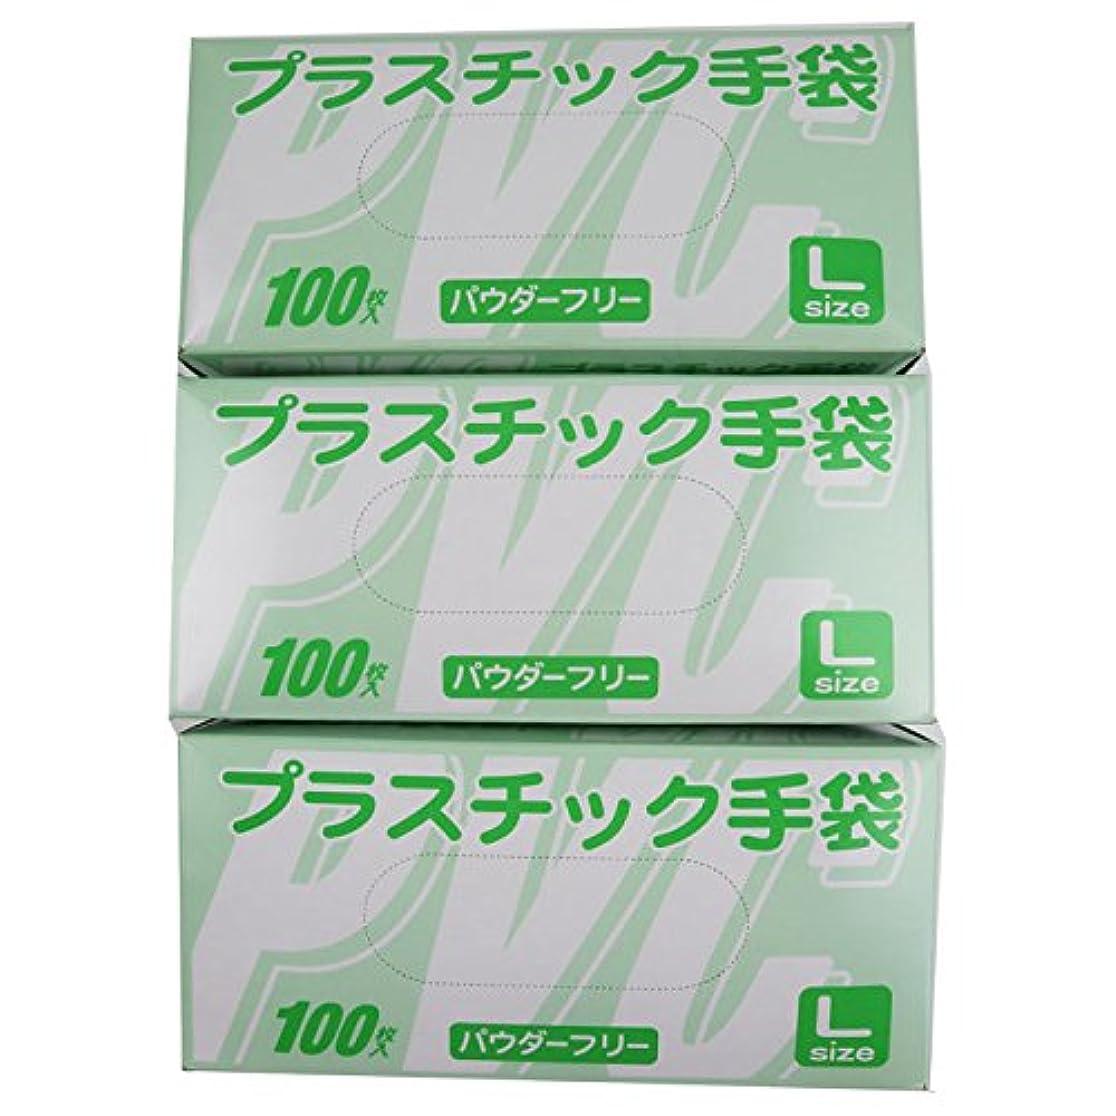 経済的怠な一流【お得なセット商品】(300枚) 使い捨て手袋 プラスチックグローブ 粉なし(パウダーフリー) Lサイズ 100枚入×3個セット 100432